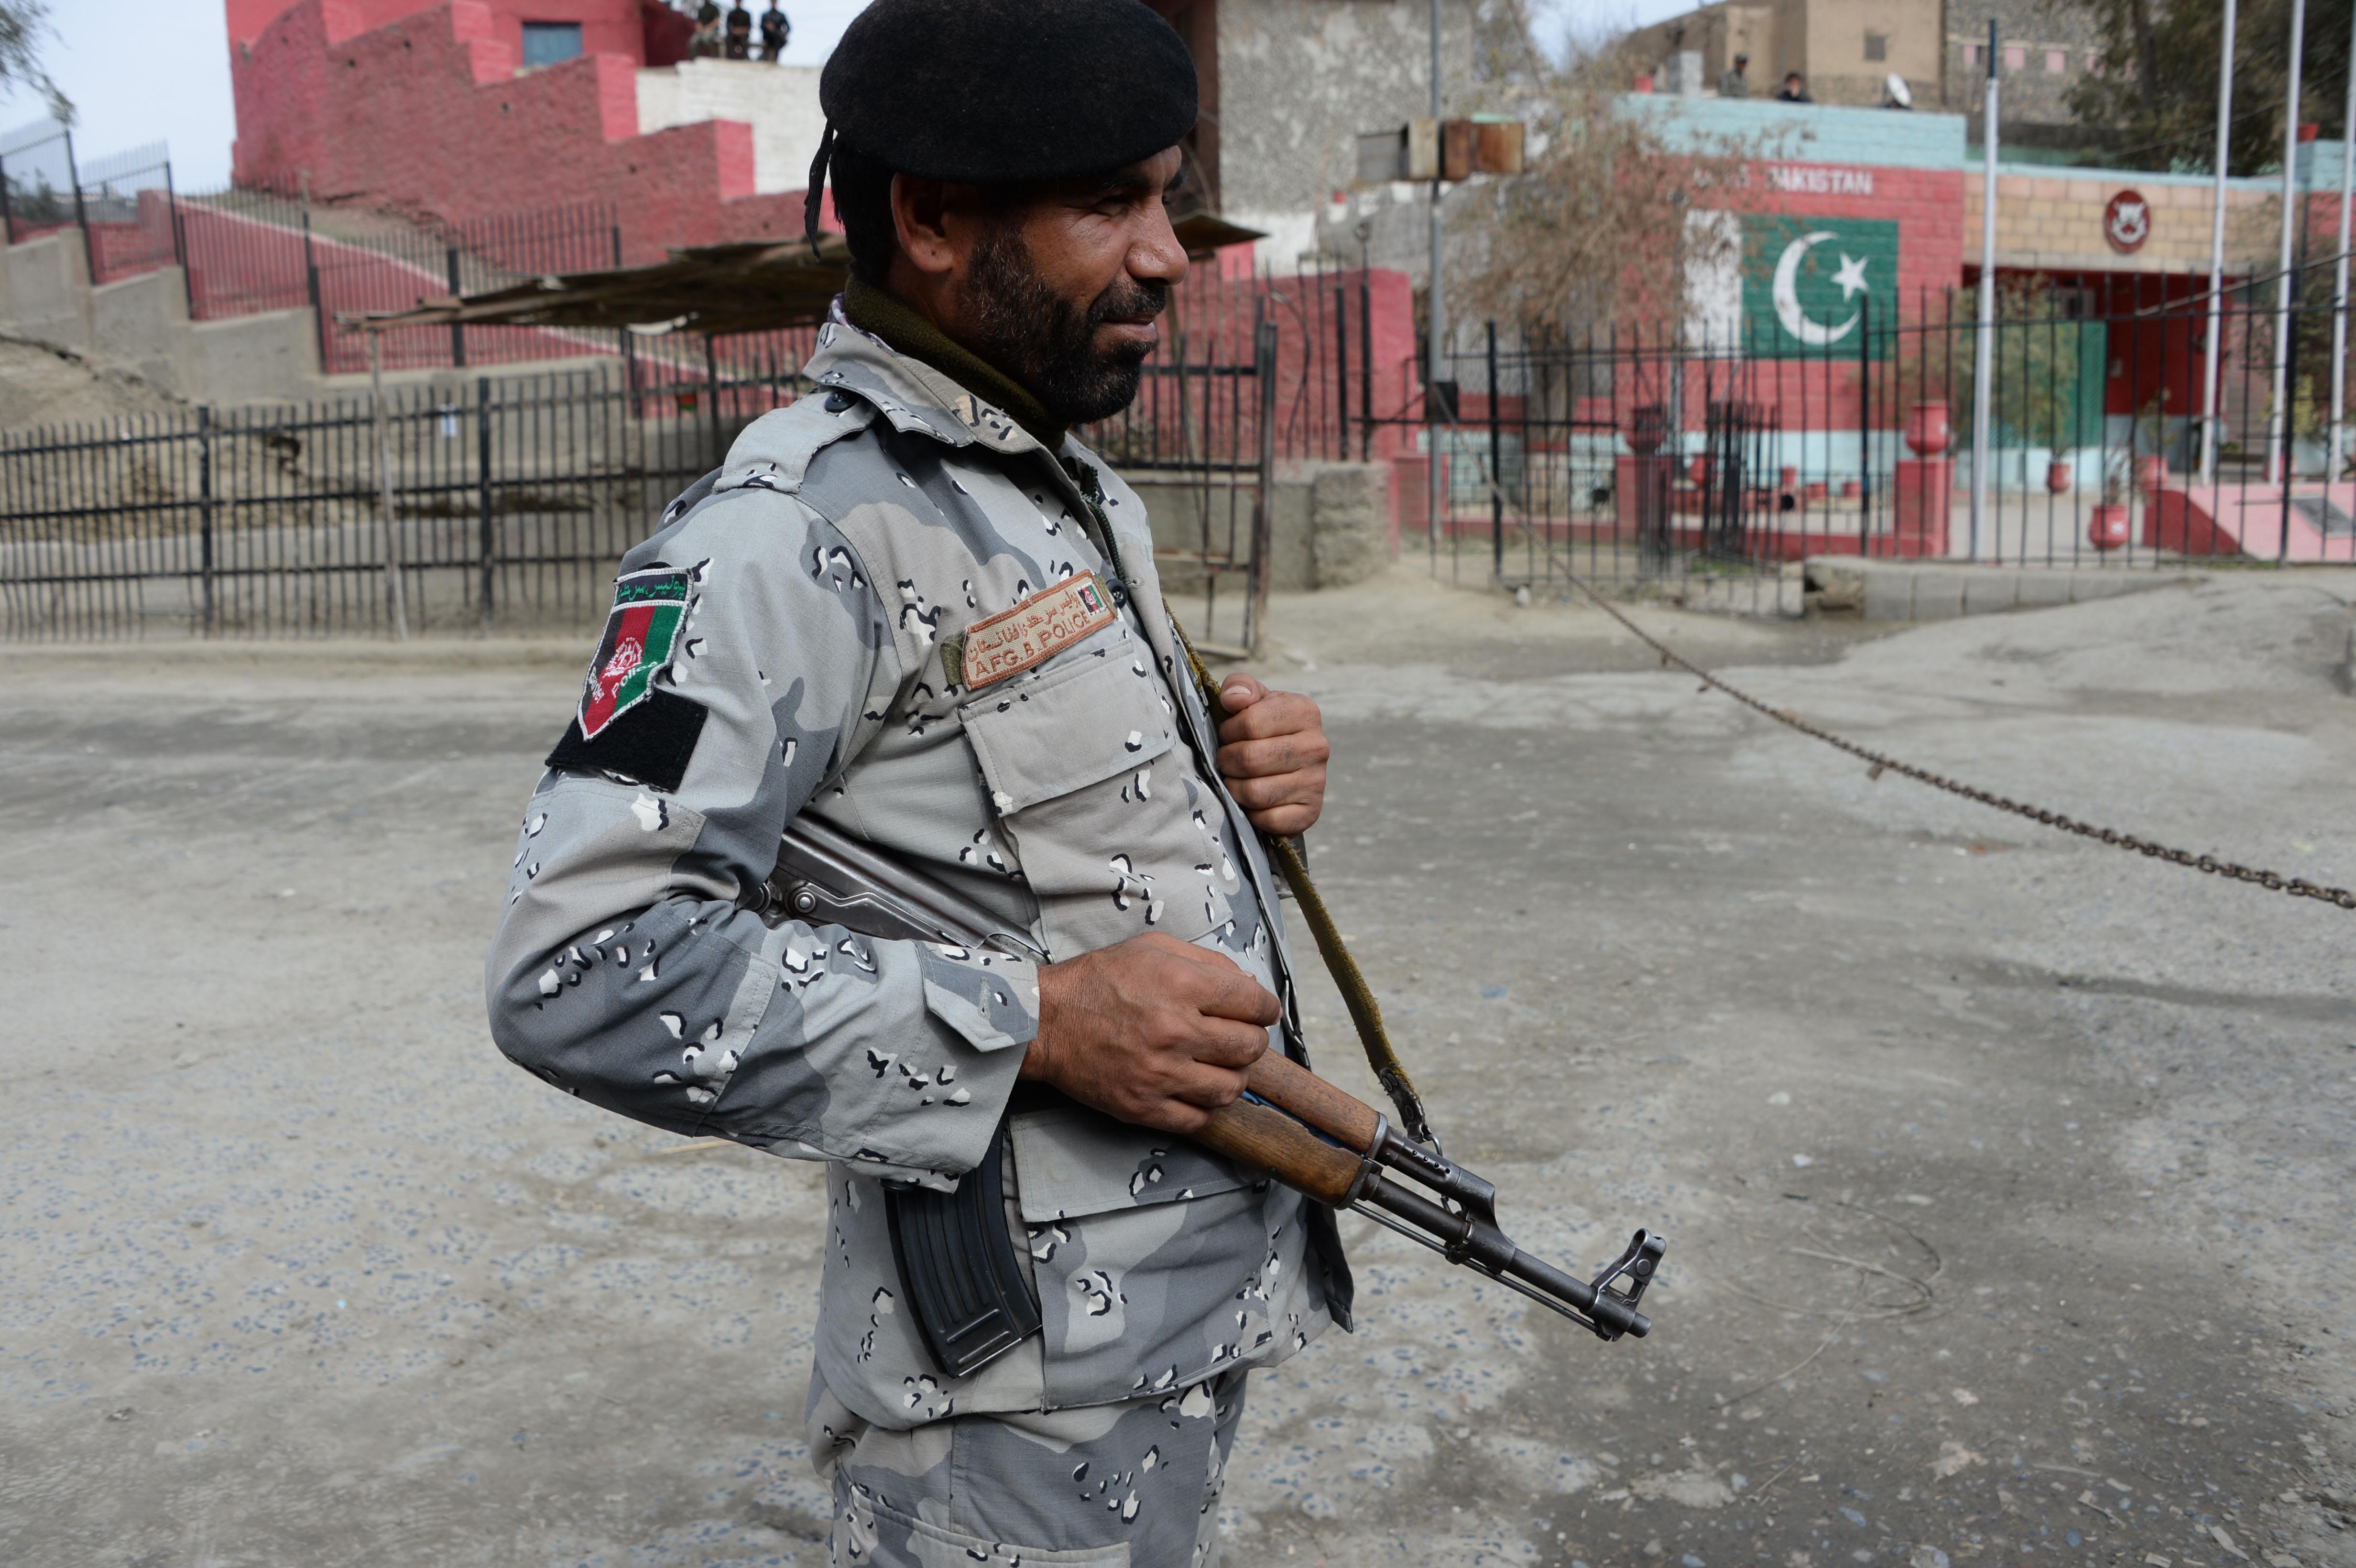 پاکستان و افغانستان کوشش های مشترکشان را در مبارزه با تروریسم افزایش می دهند